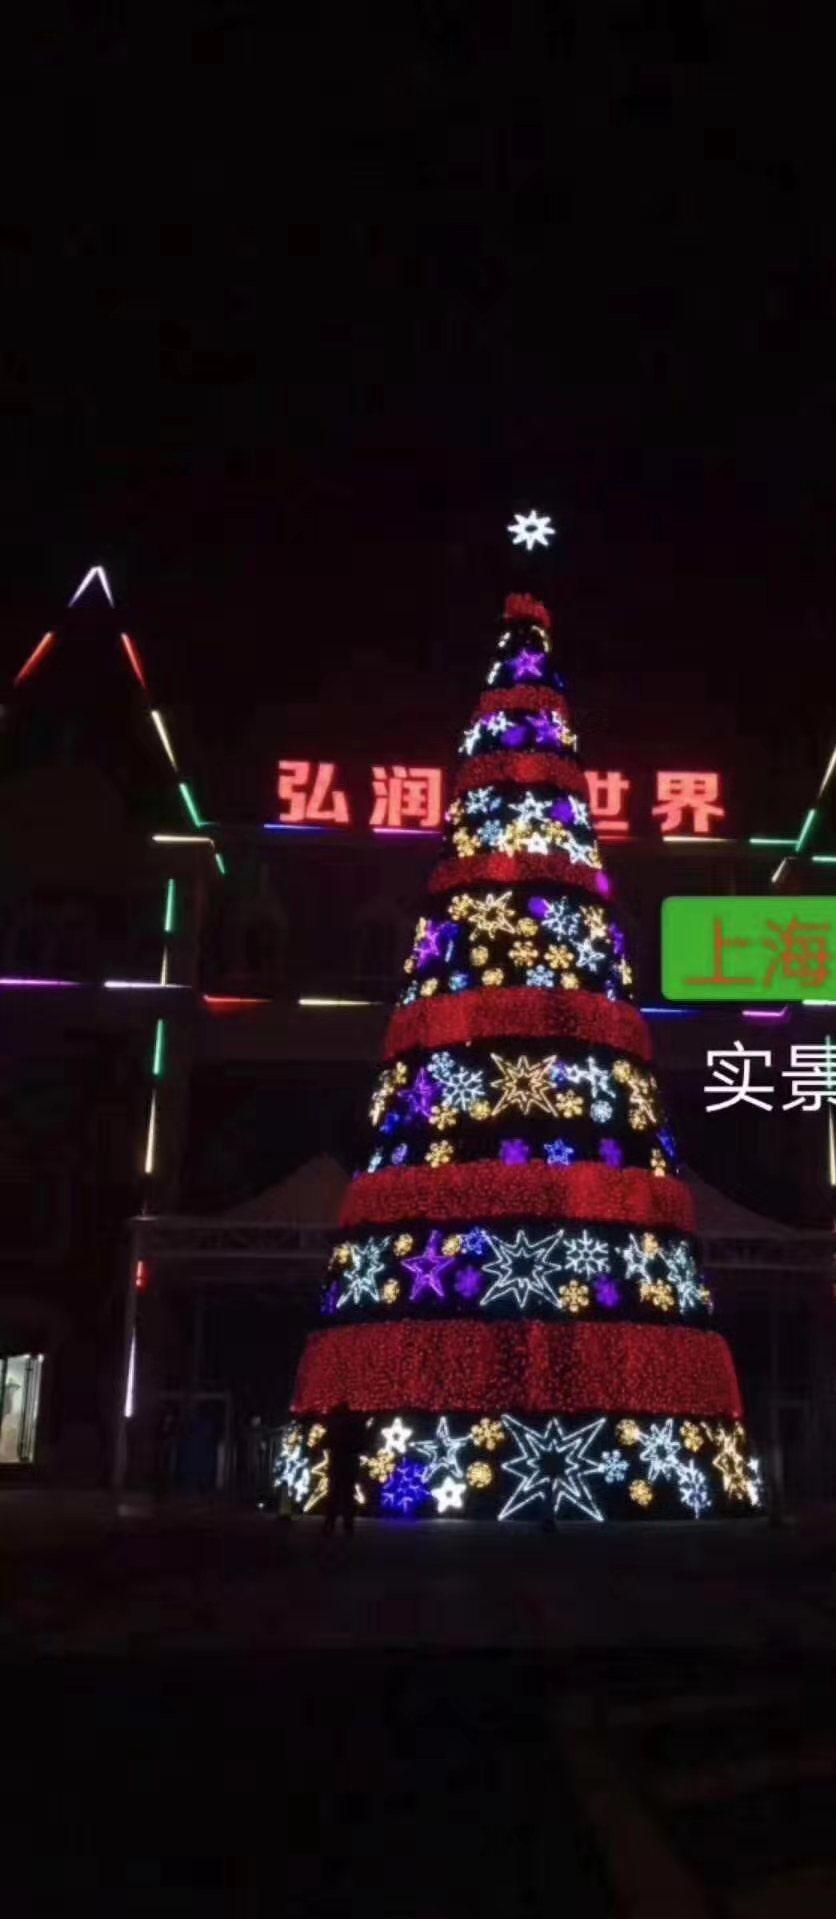 贵阳圣诞树_圣诞装饰